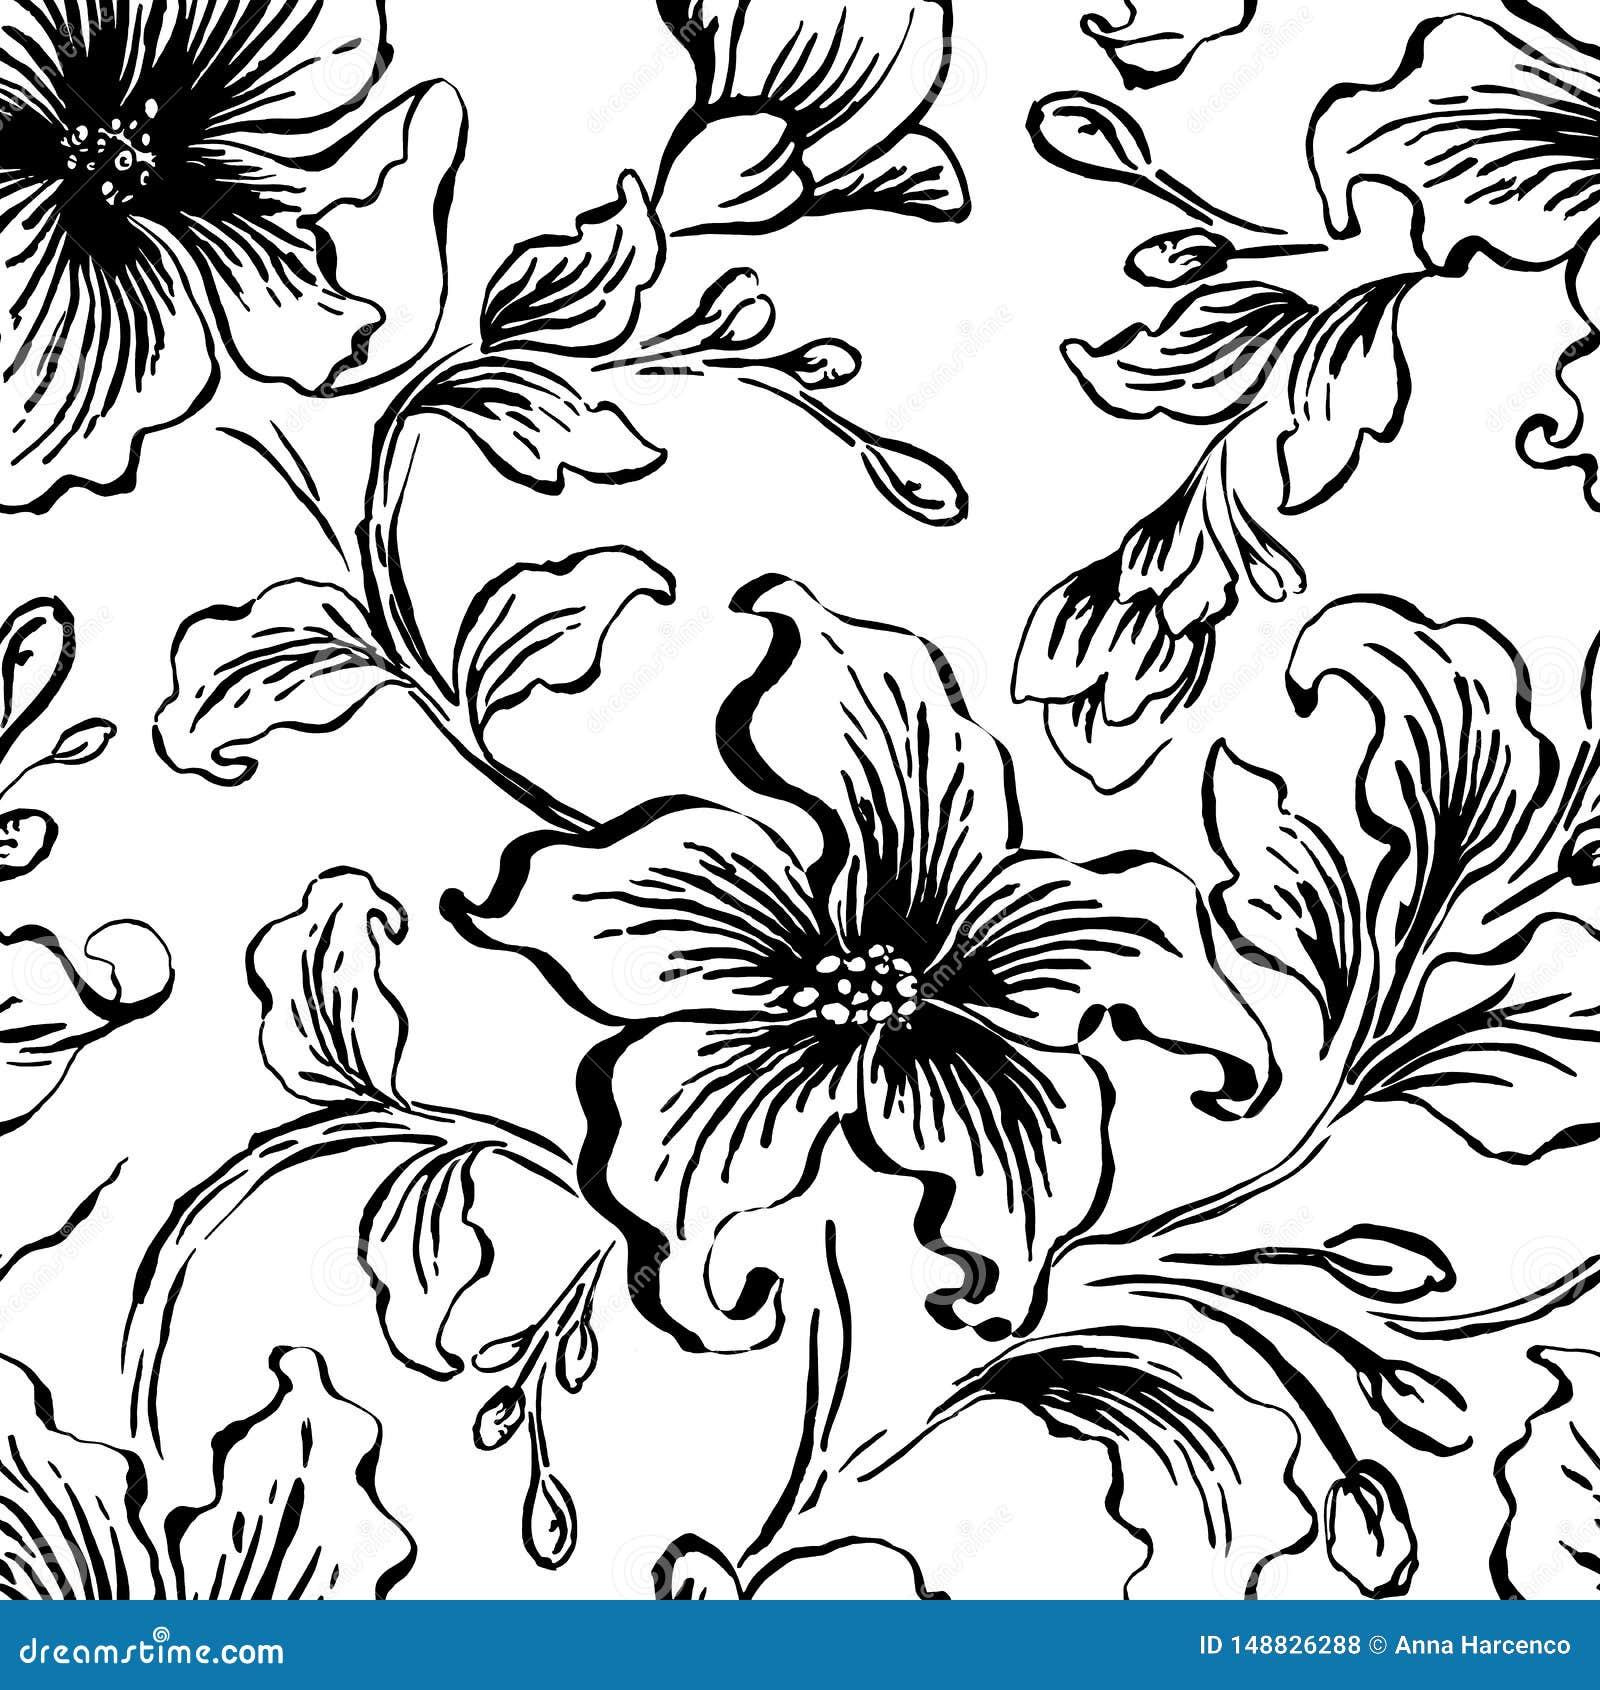 Bloemen seFloral naadloos patroon Abstracte overladen bloemen uitstekende textuur Decoratieve siertextiel, behang, het verpakken